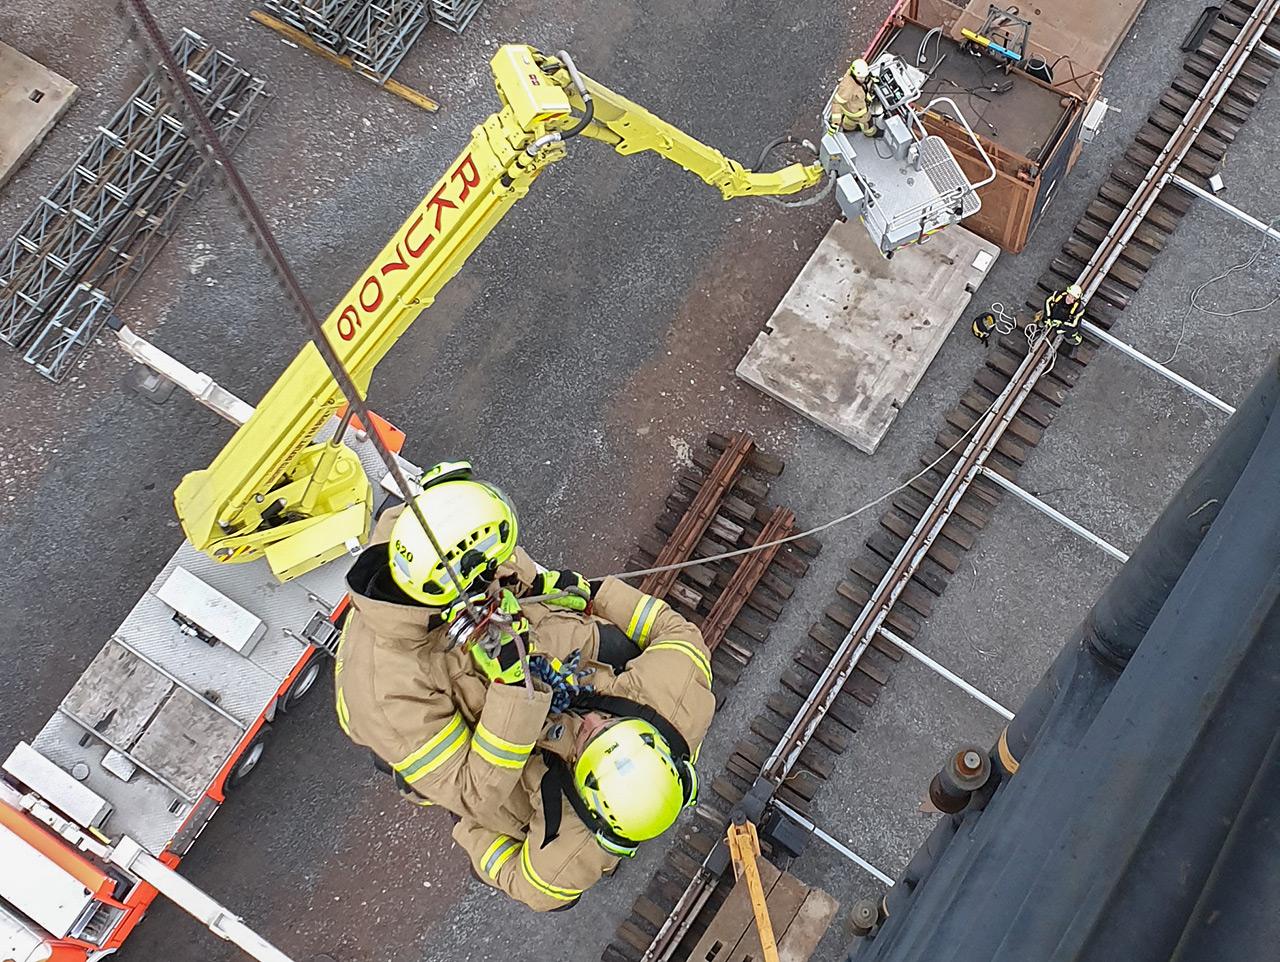 Torninosturin kuljettajan pelastamisessa saattaja ja potilas ovat köysijärjestelmien varassa. Ohjausköysi estää tuulen aiheuttamaa heiluntaa ja pyörimistä toiminnan aikana. Kuvat: Toni Keto.